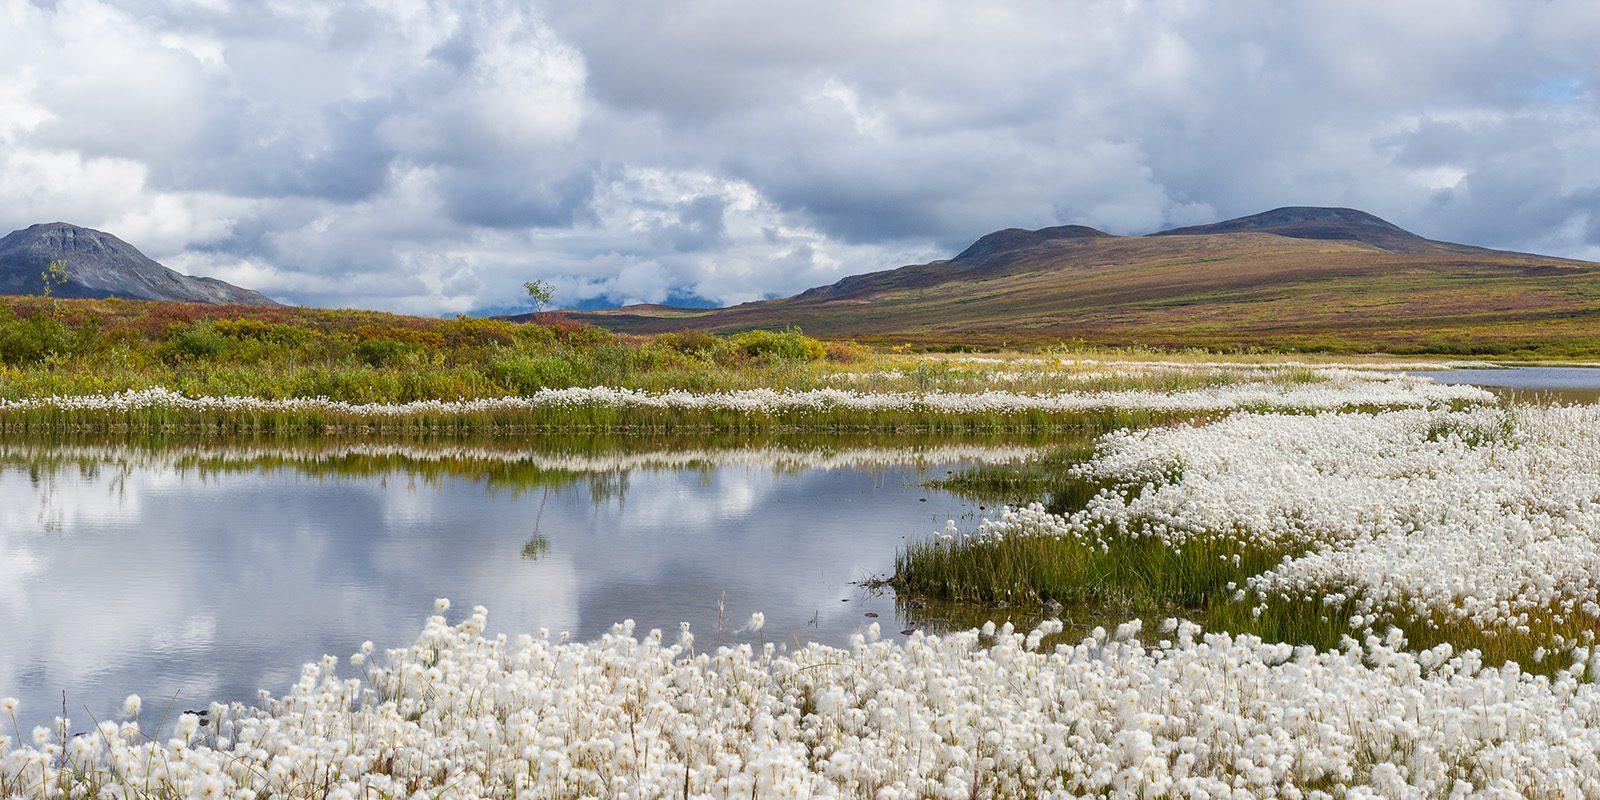 Sommer i Denali av Kjell Erik Moseid